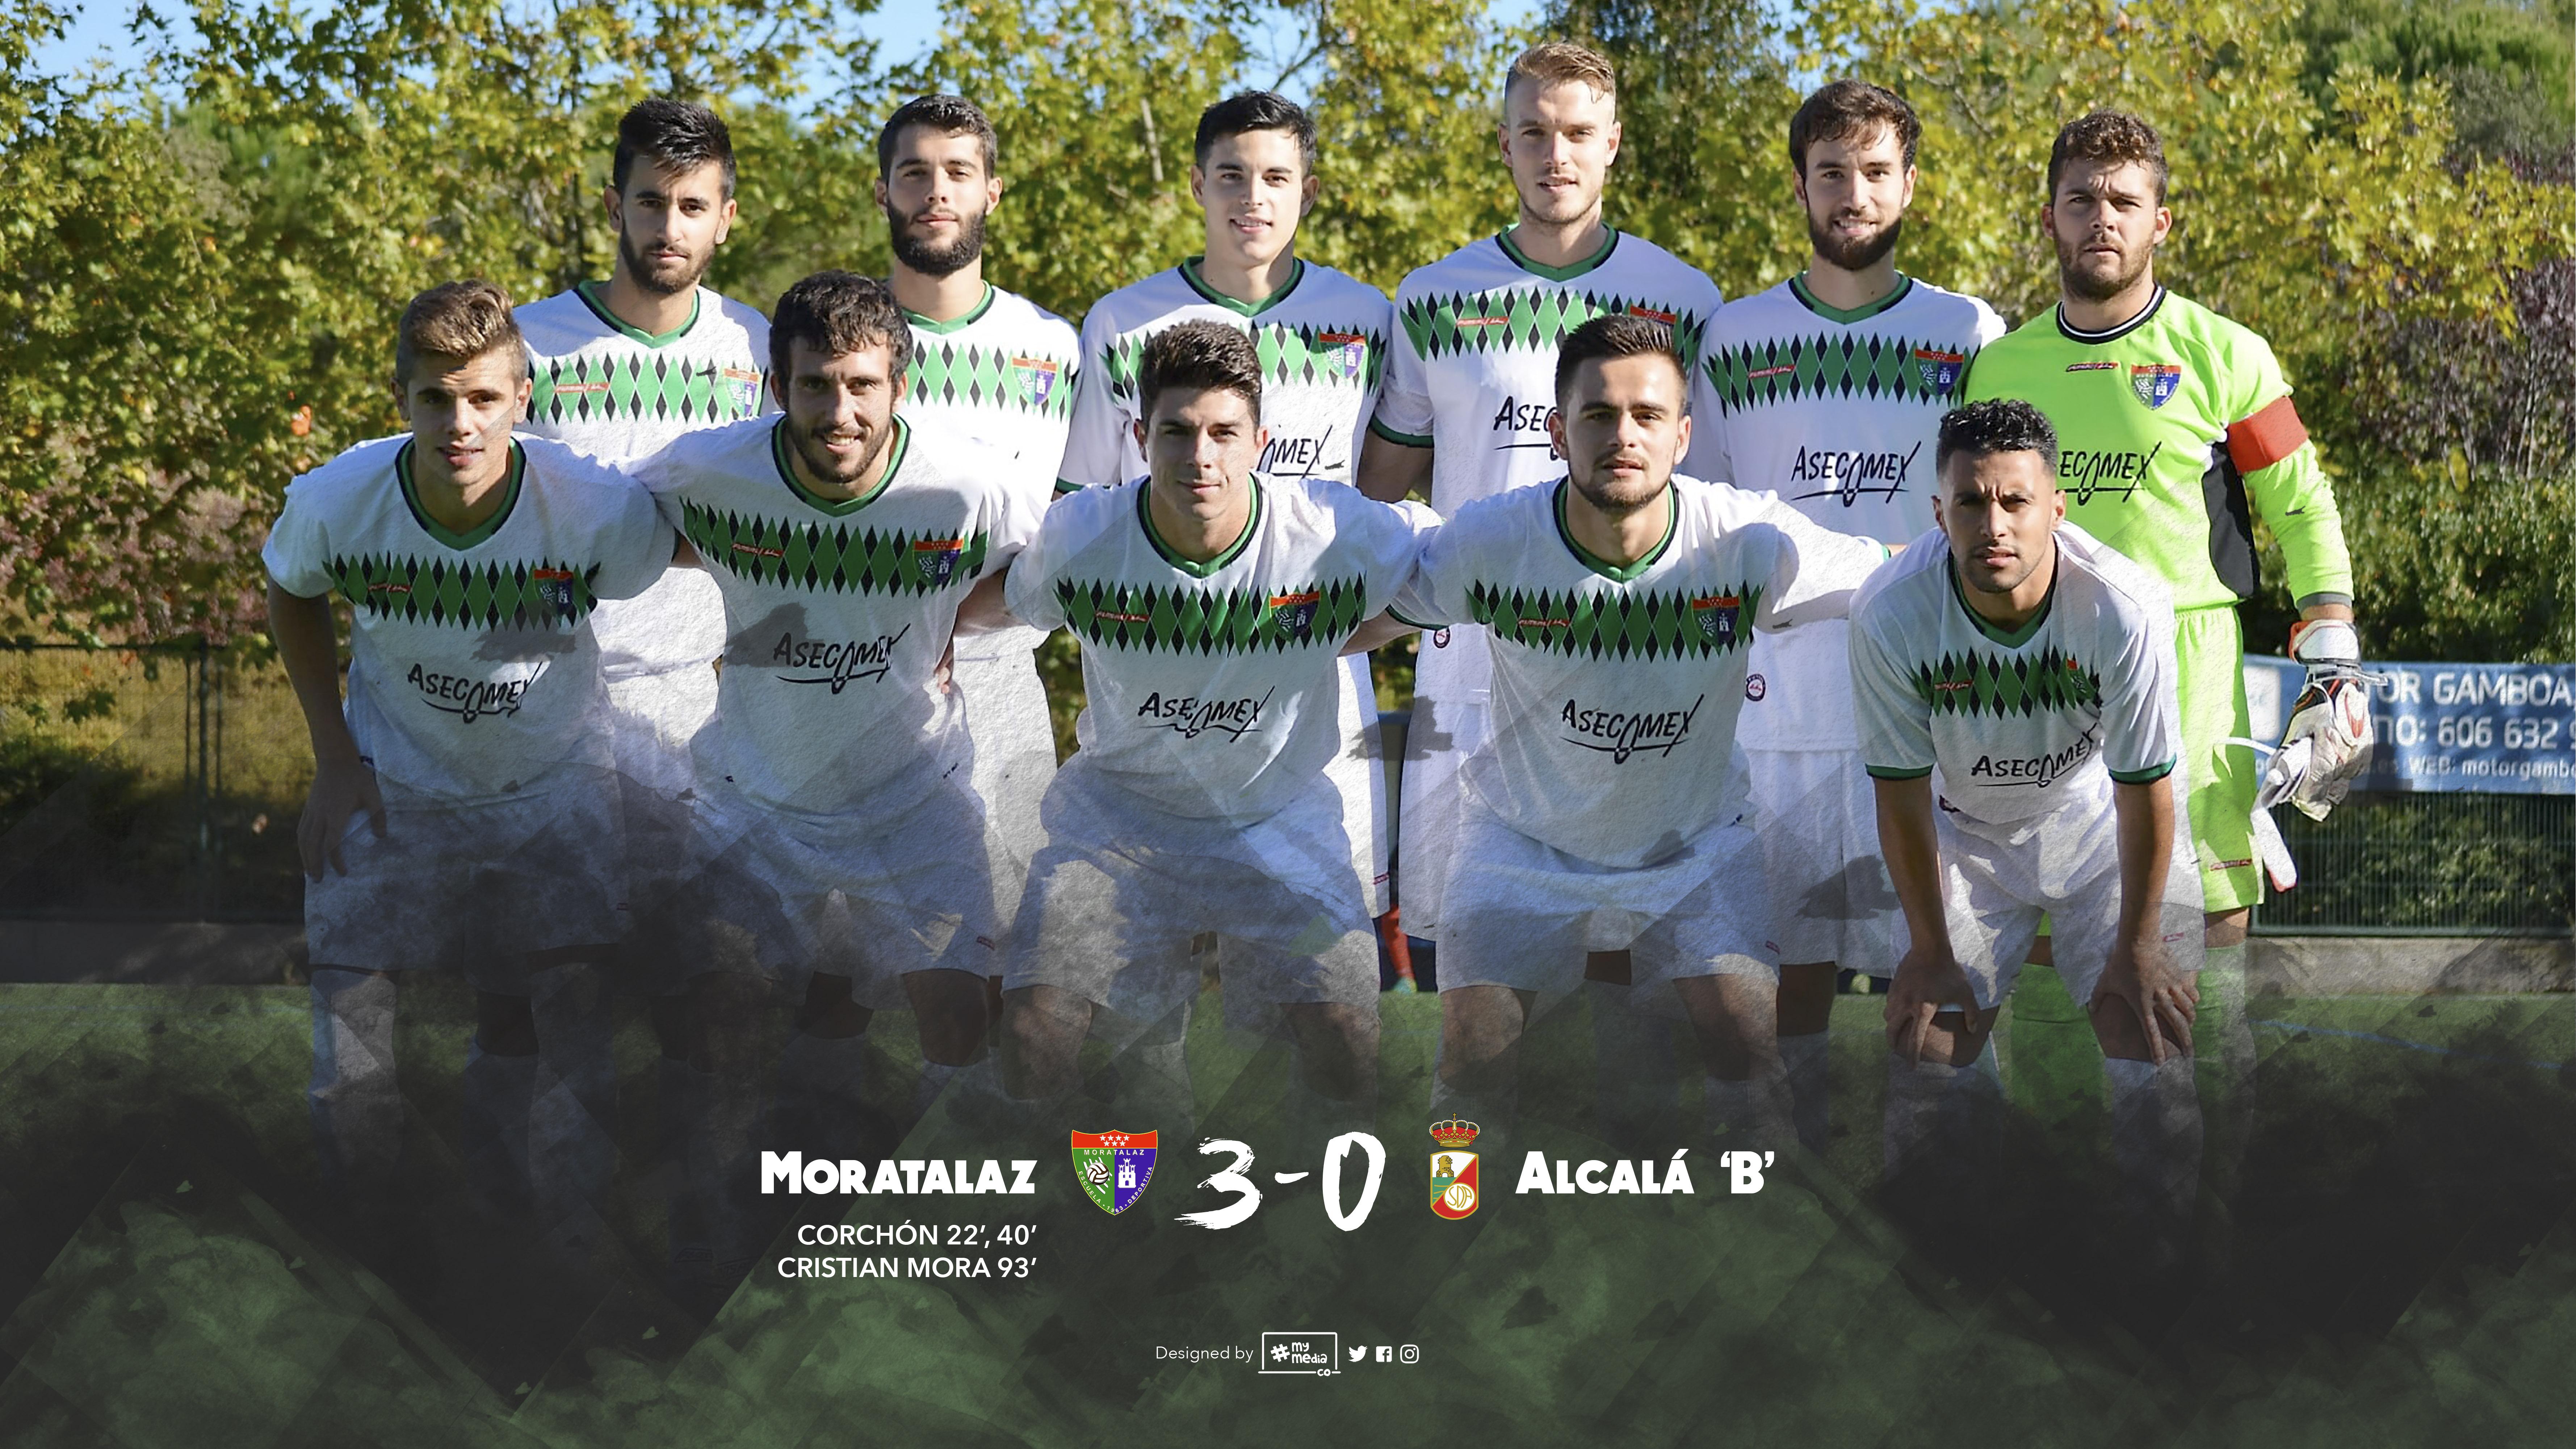 Crónica, fotos y vídeo resumen del partido Primer Equipo 3 – 0 RSD Alcalá B